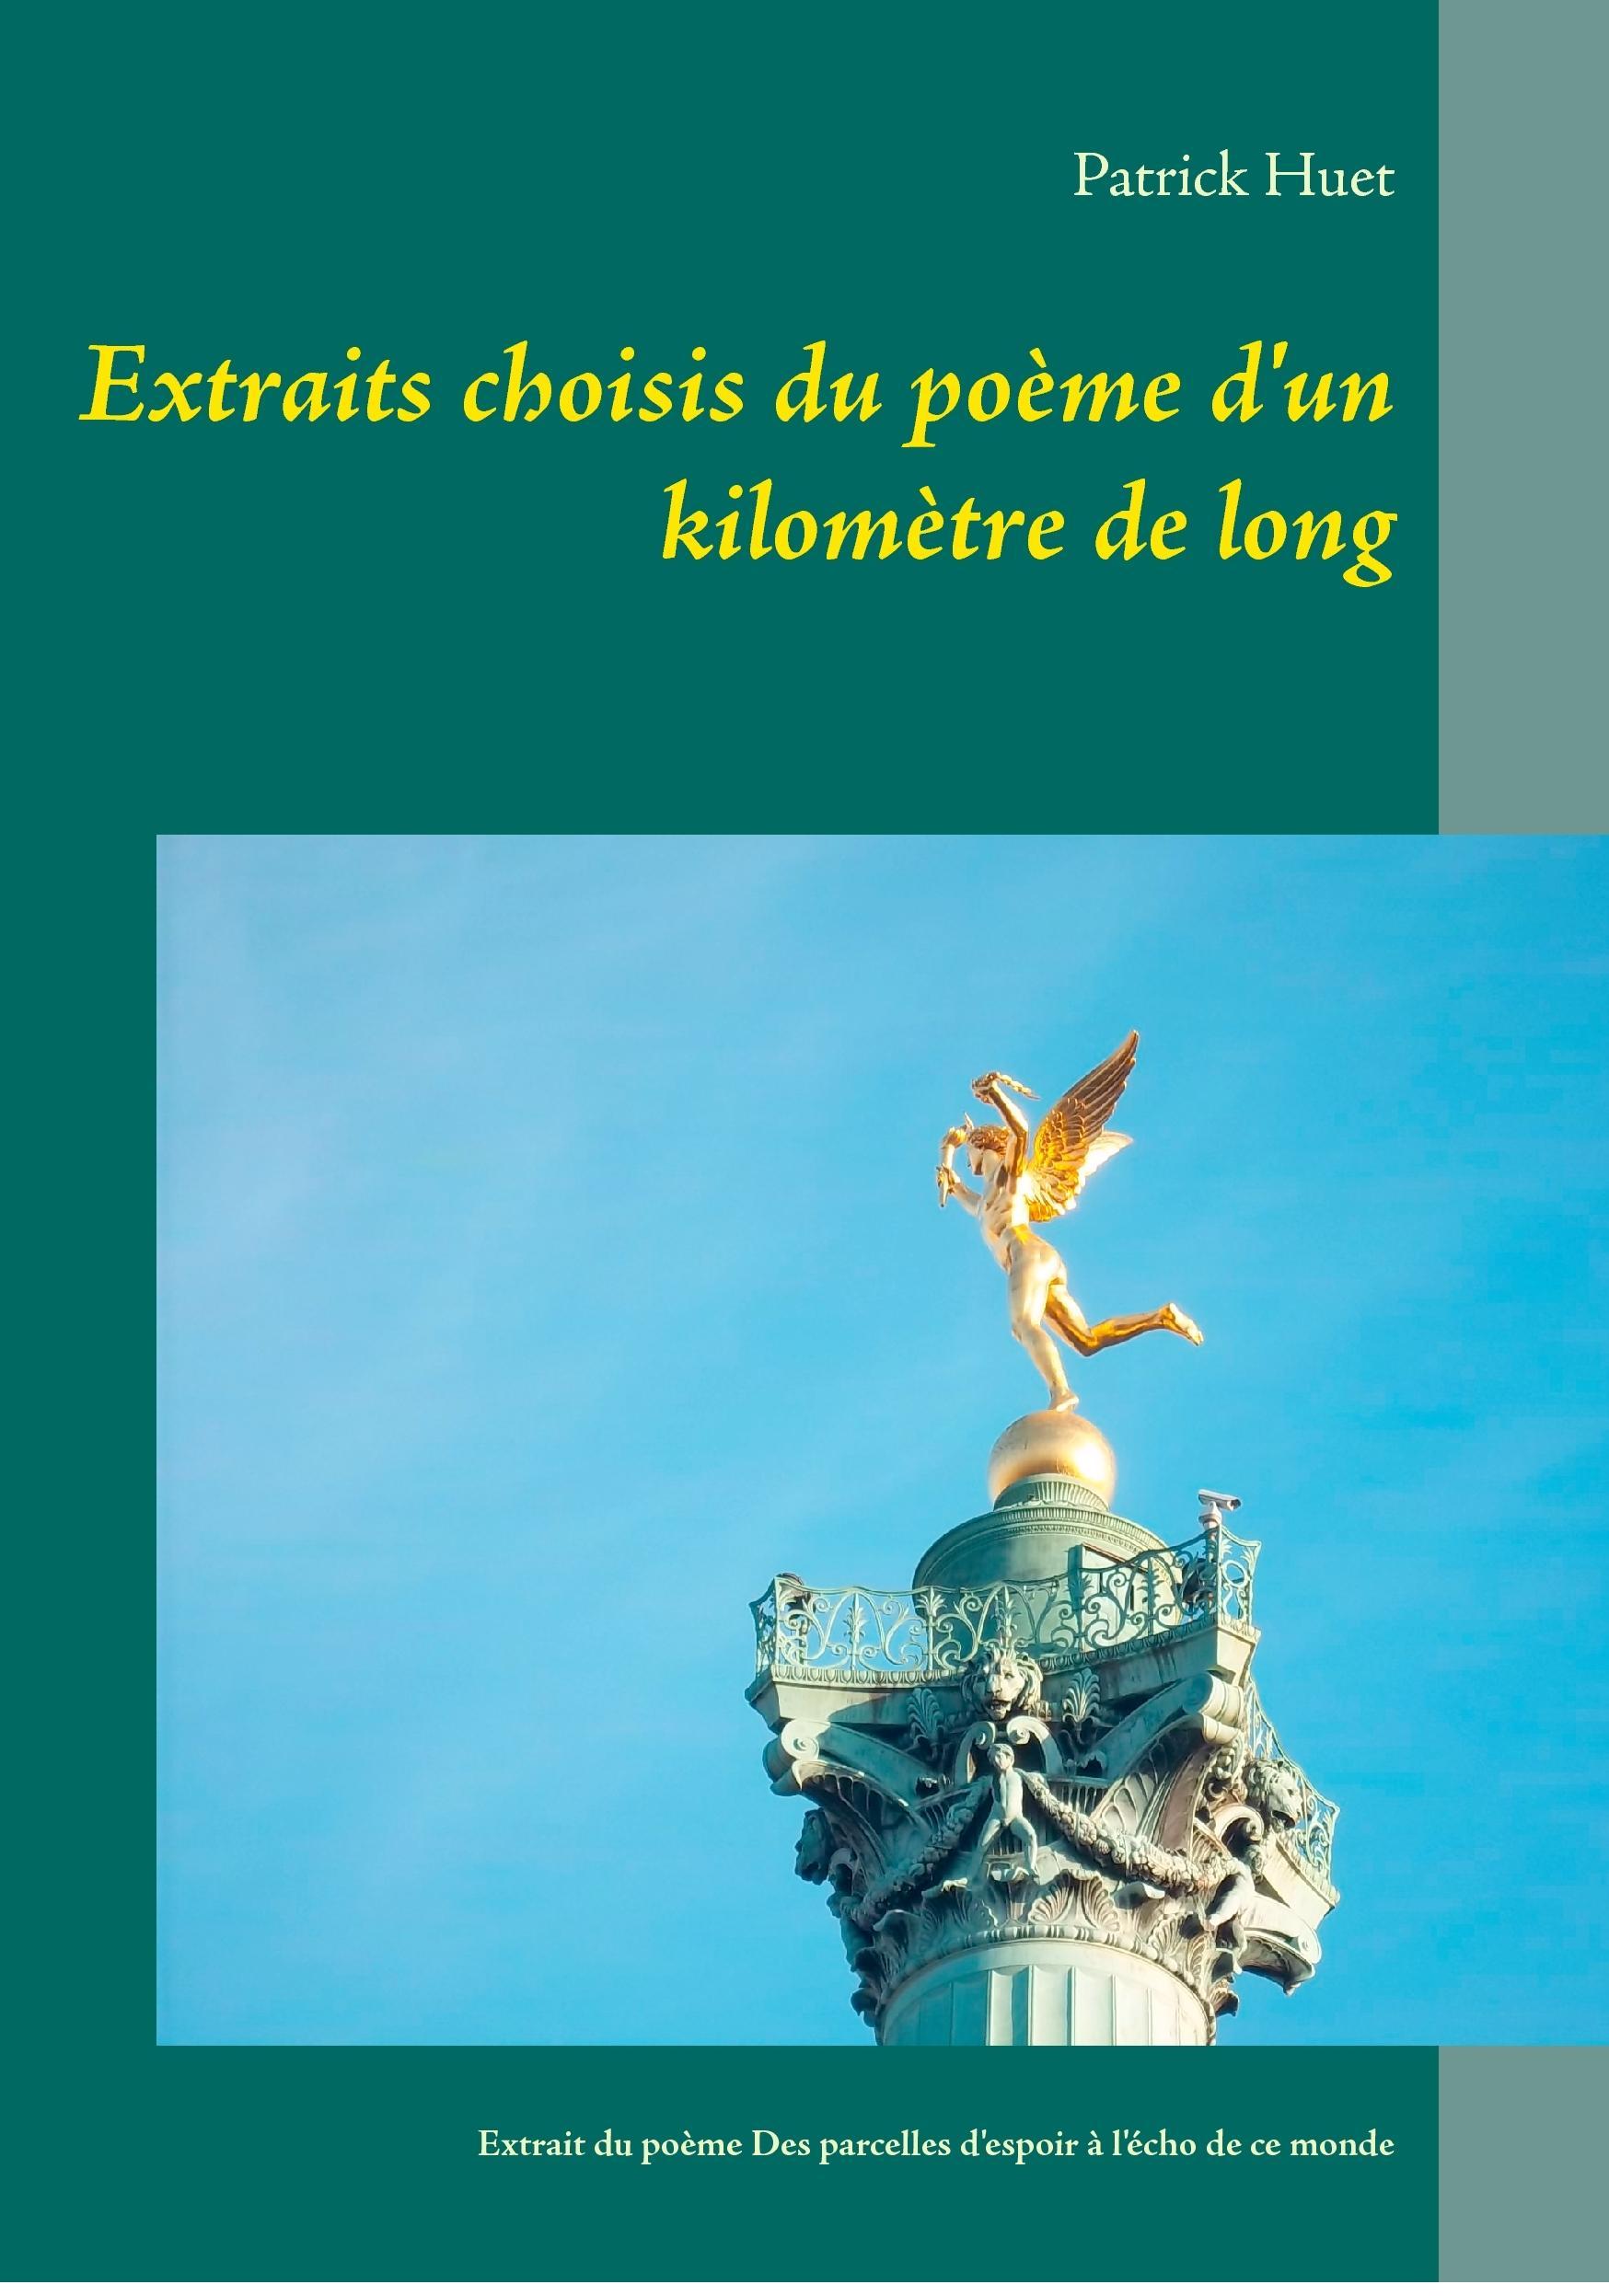 Extraits choisis du poème d'un kilomètre de long, de Patrick Huet